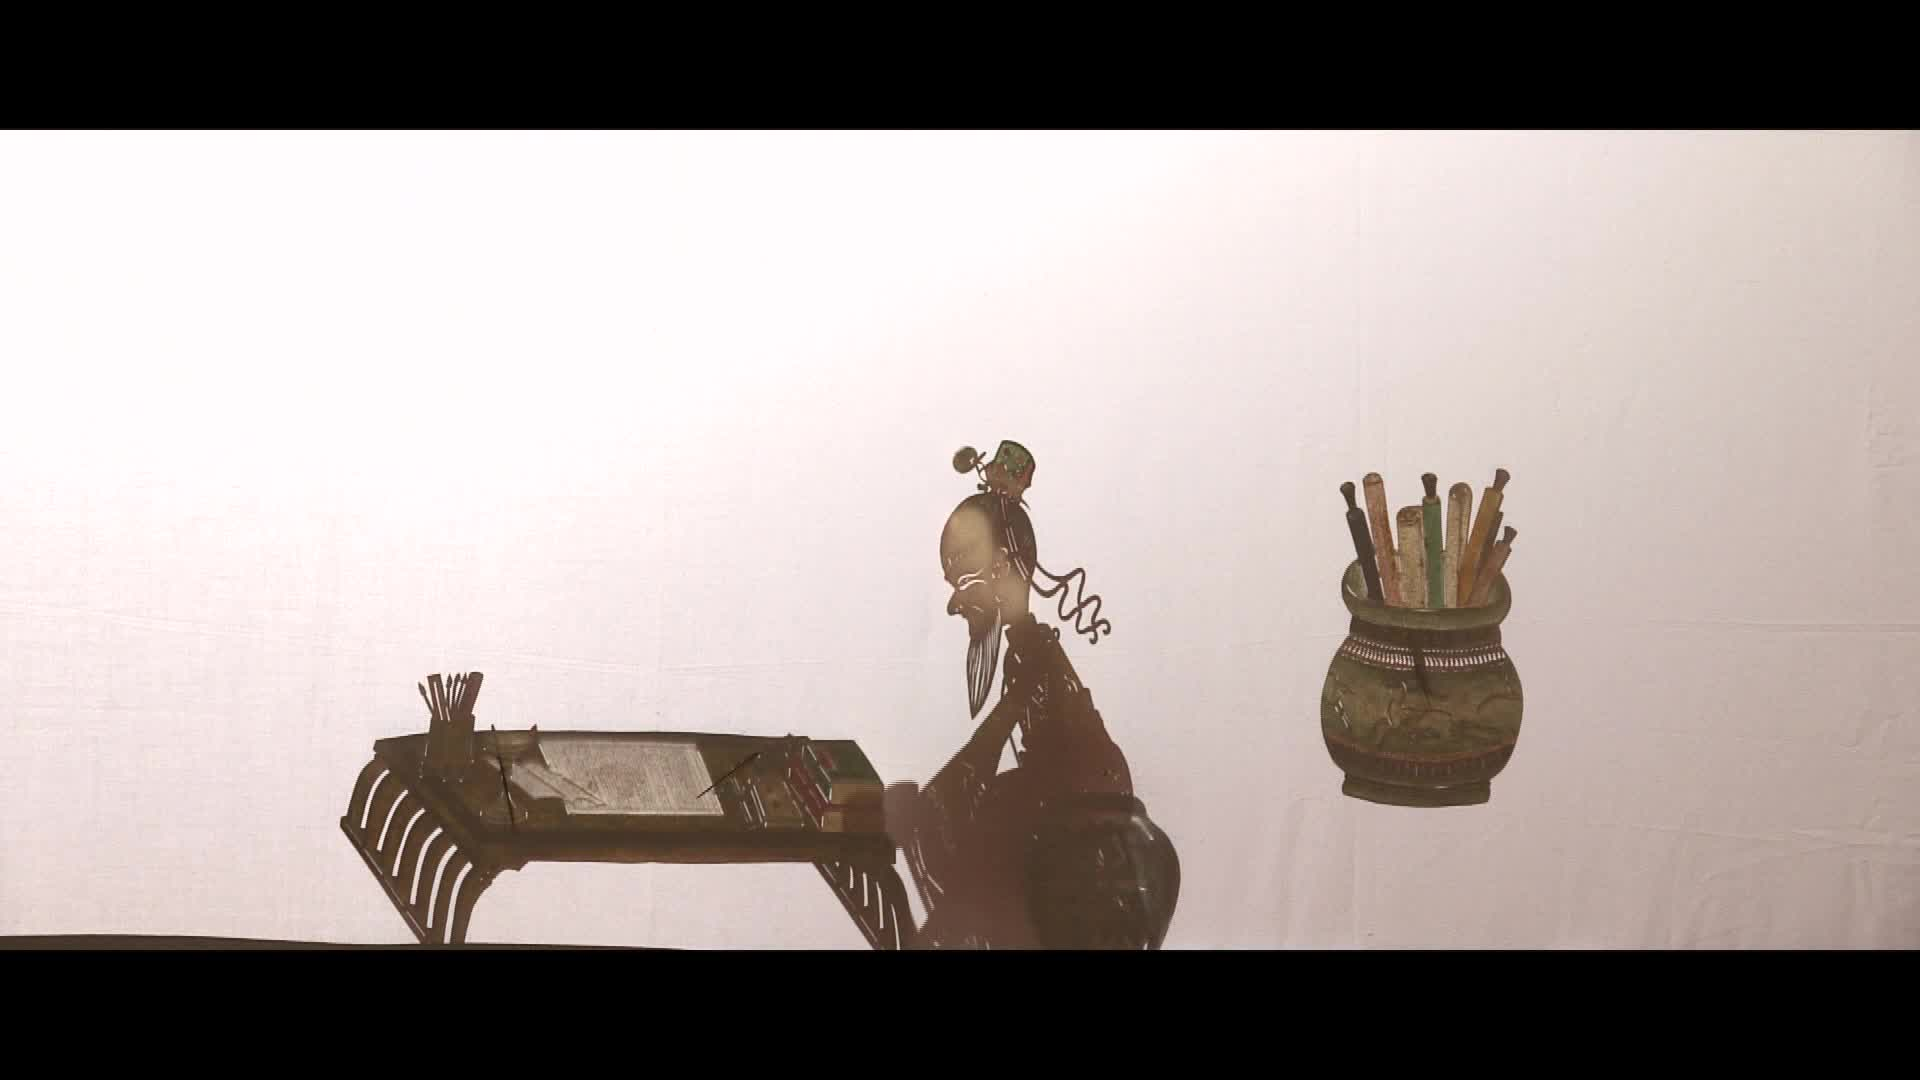 【廉政频道】暮夜却金